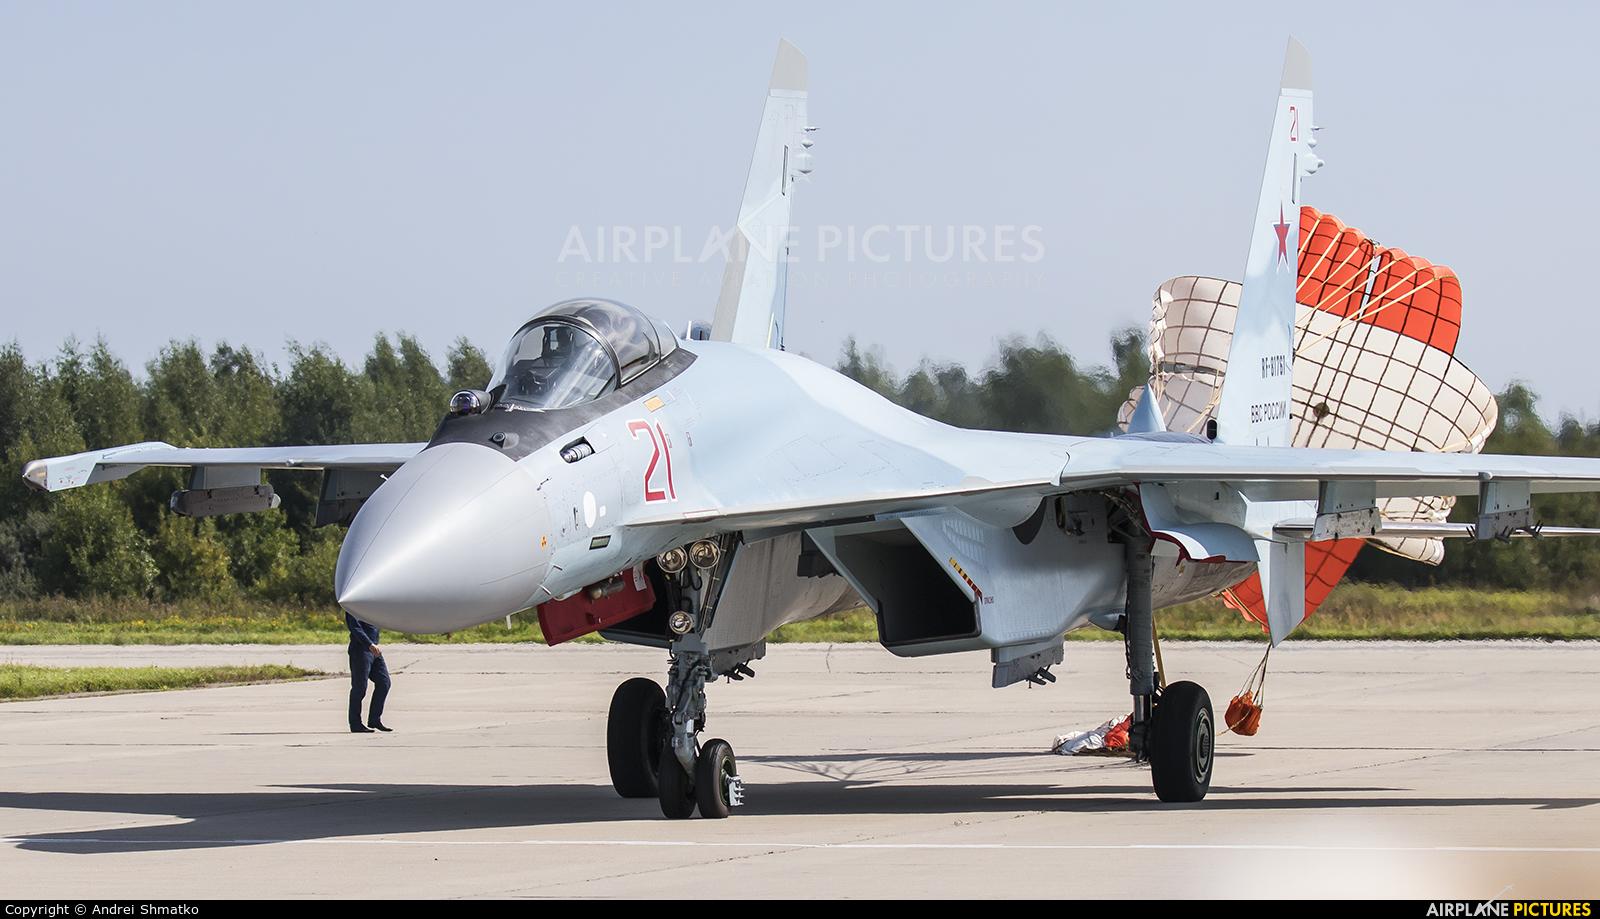 Russia - Air Force RF-81761 aircraft at Kubinka